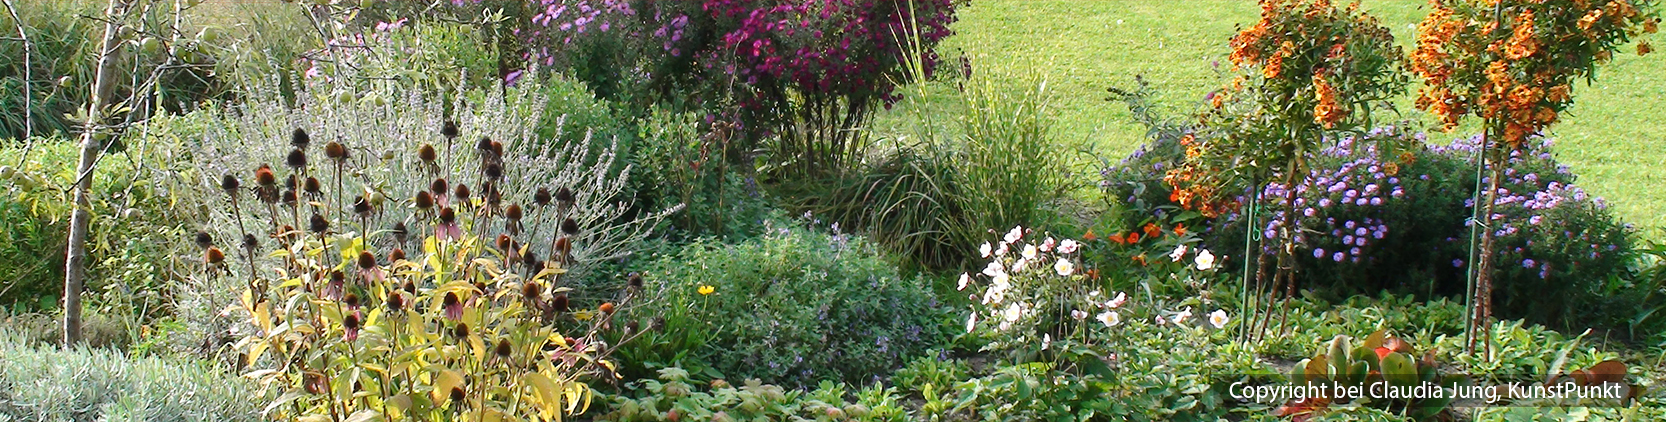 Permalink auf:Tag der offenen Höfe und Gärten